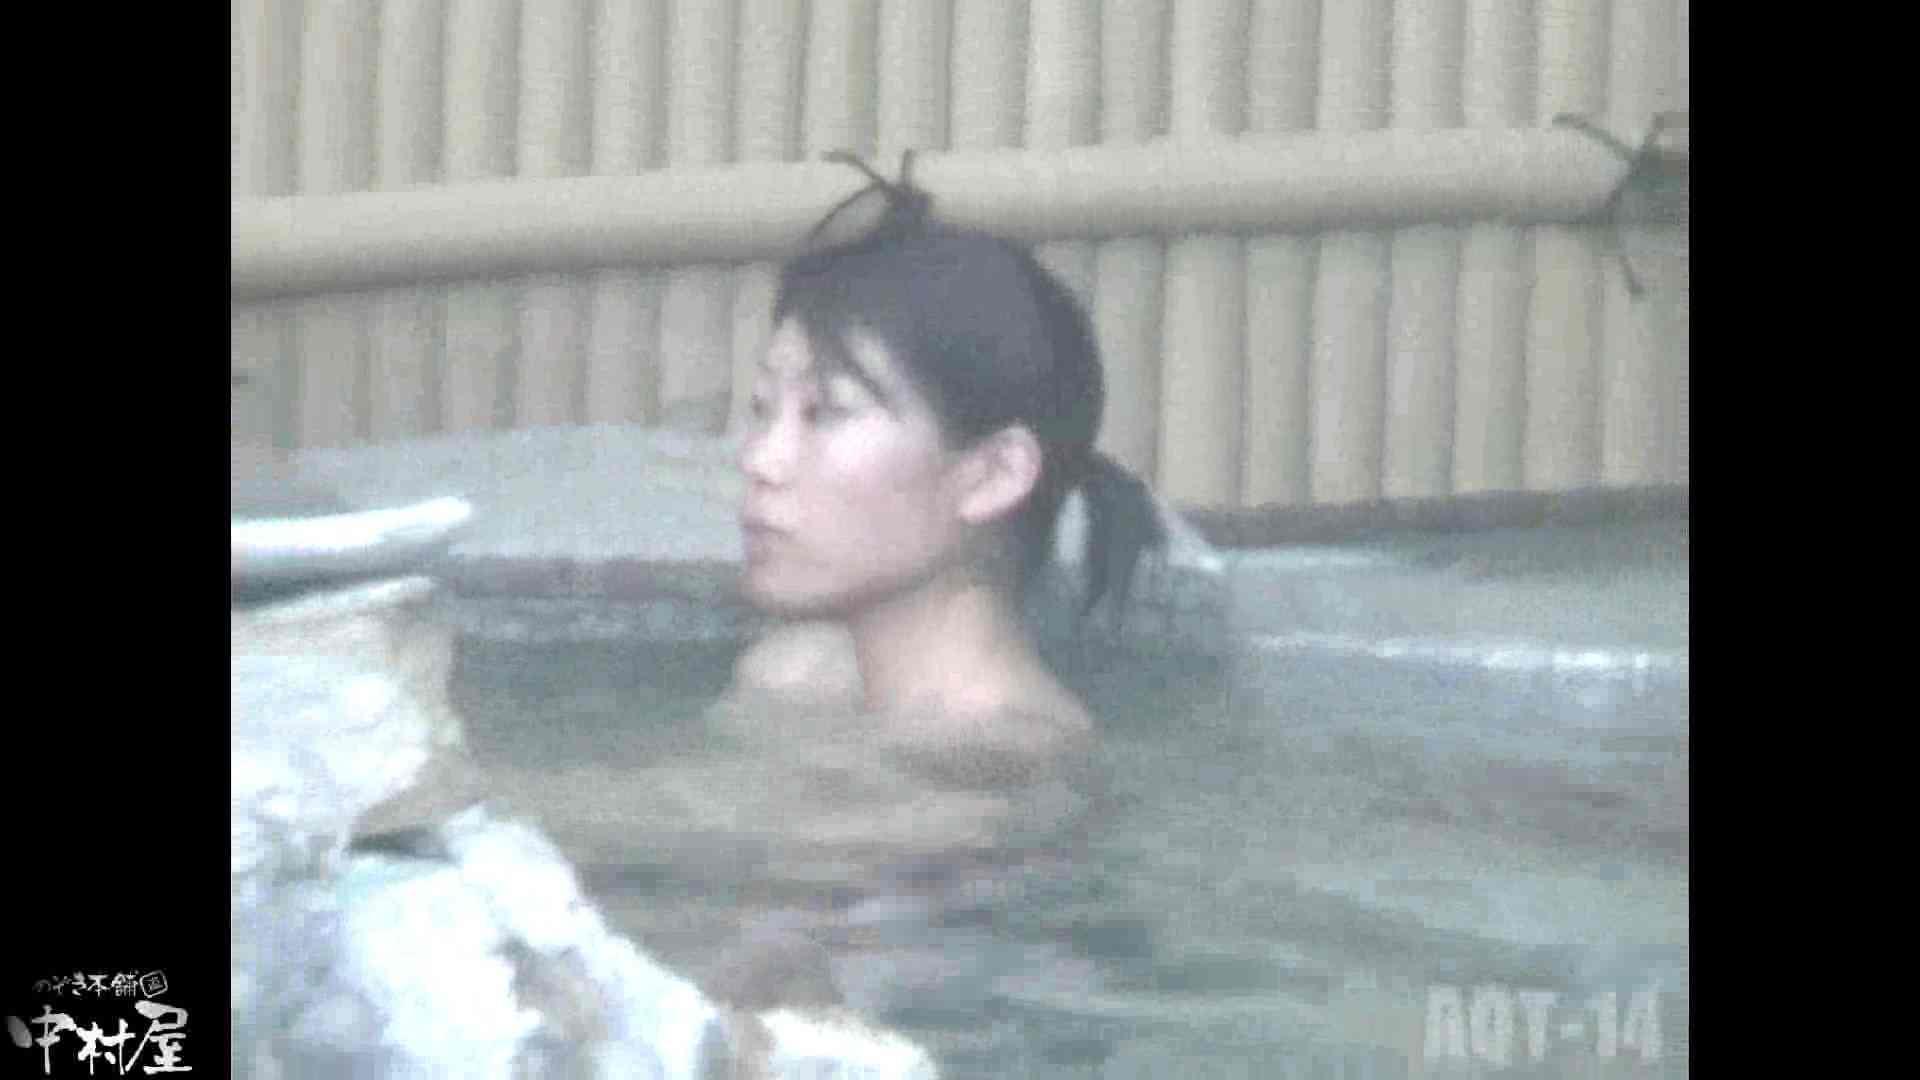 Aquaな露天風呂Vol.878潜入盗撮露天風呂十四判湯 其の一 露天 | 盗撮  78pic 75